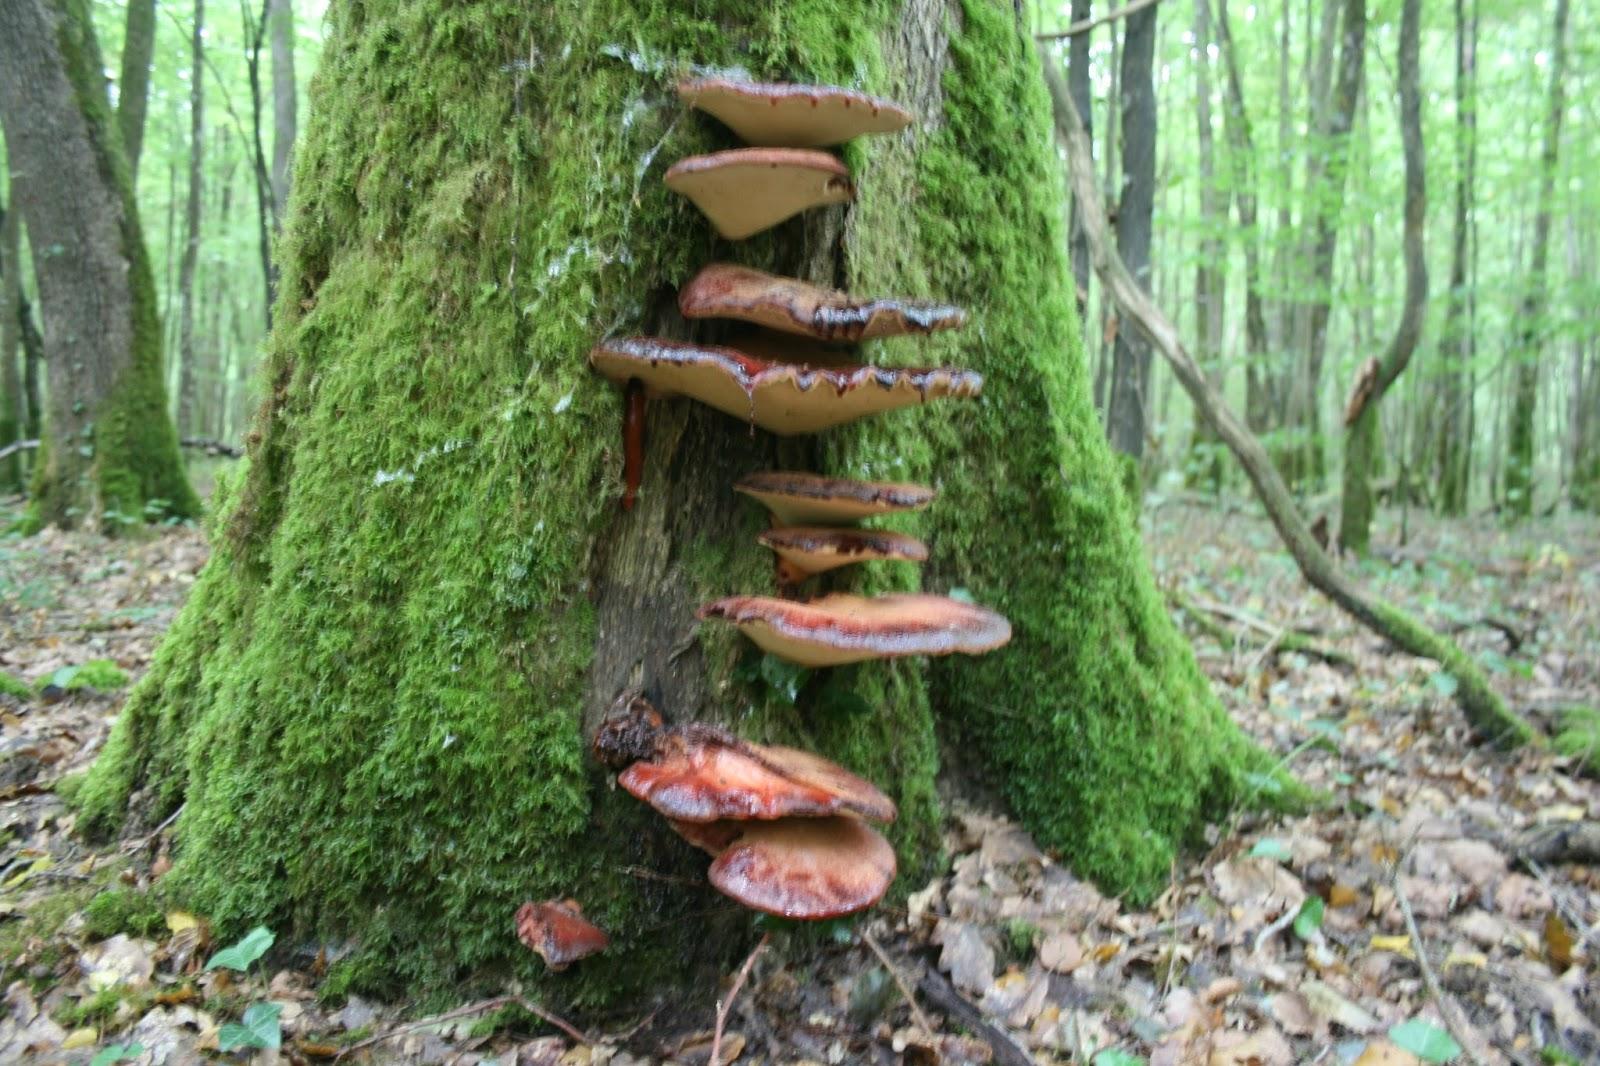 Permafor u00eat Les champignon viande  # La Soissonnaise Des Bois